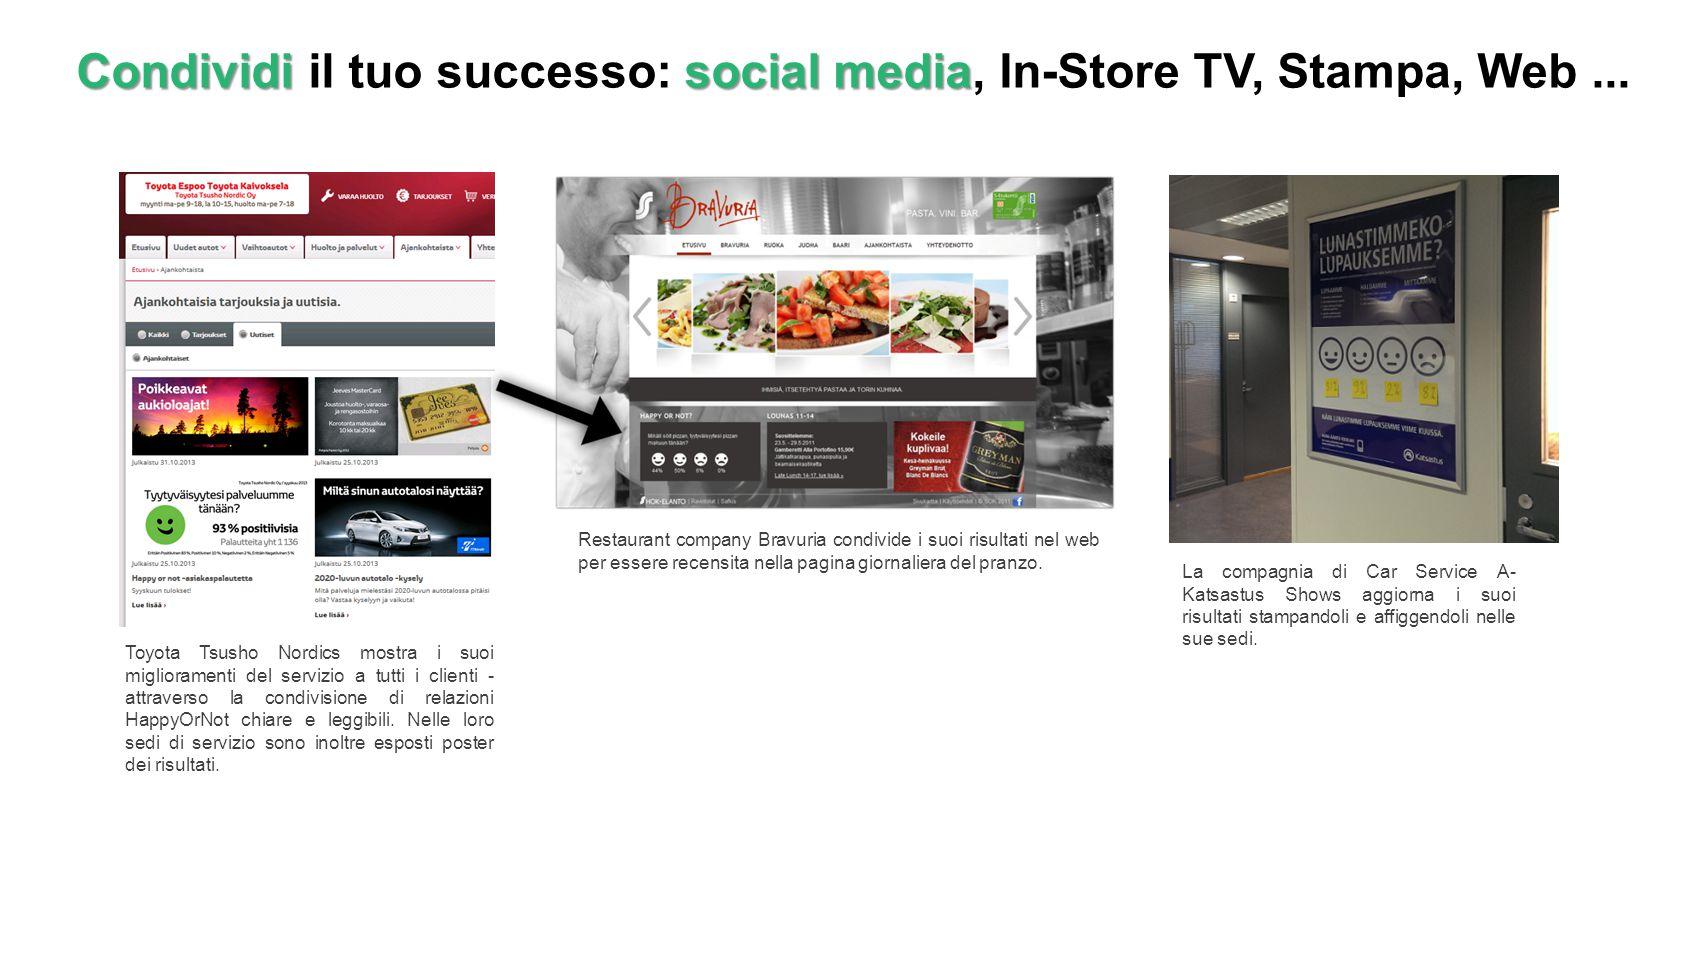 Condividisocial media Condividi il tuo successo: social media, In-Store TV, Stampa, Web... Restaurant company Bravuria condivide i suoi risultati nel